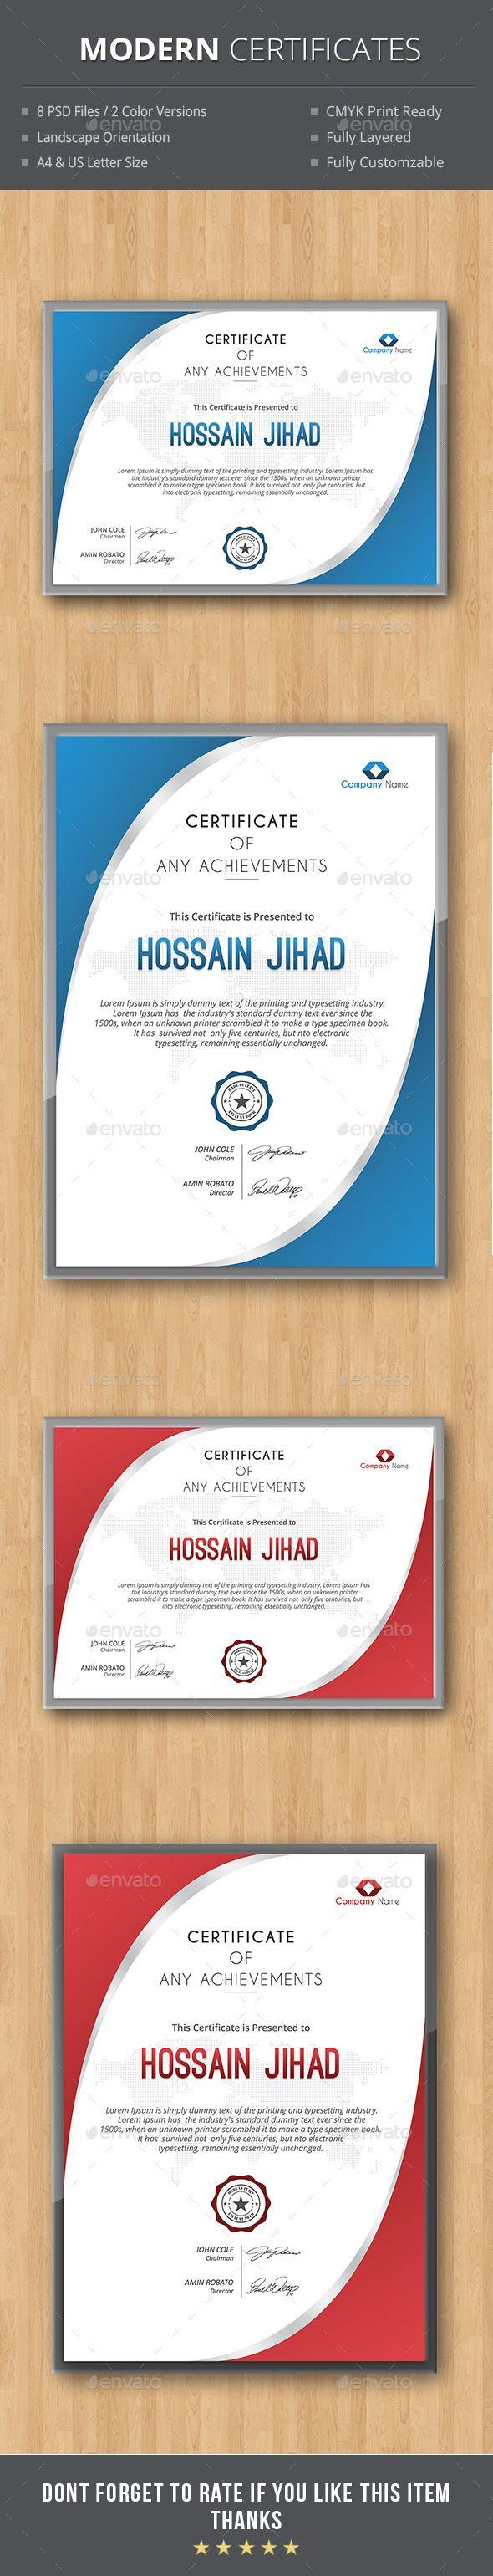 Certificate certificate templates certificate and templates certificate infographic templatespsd yadclub Image collections